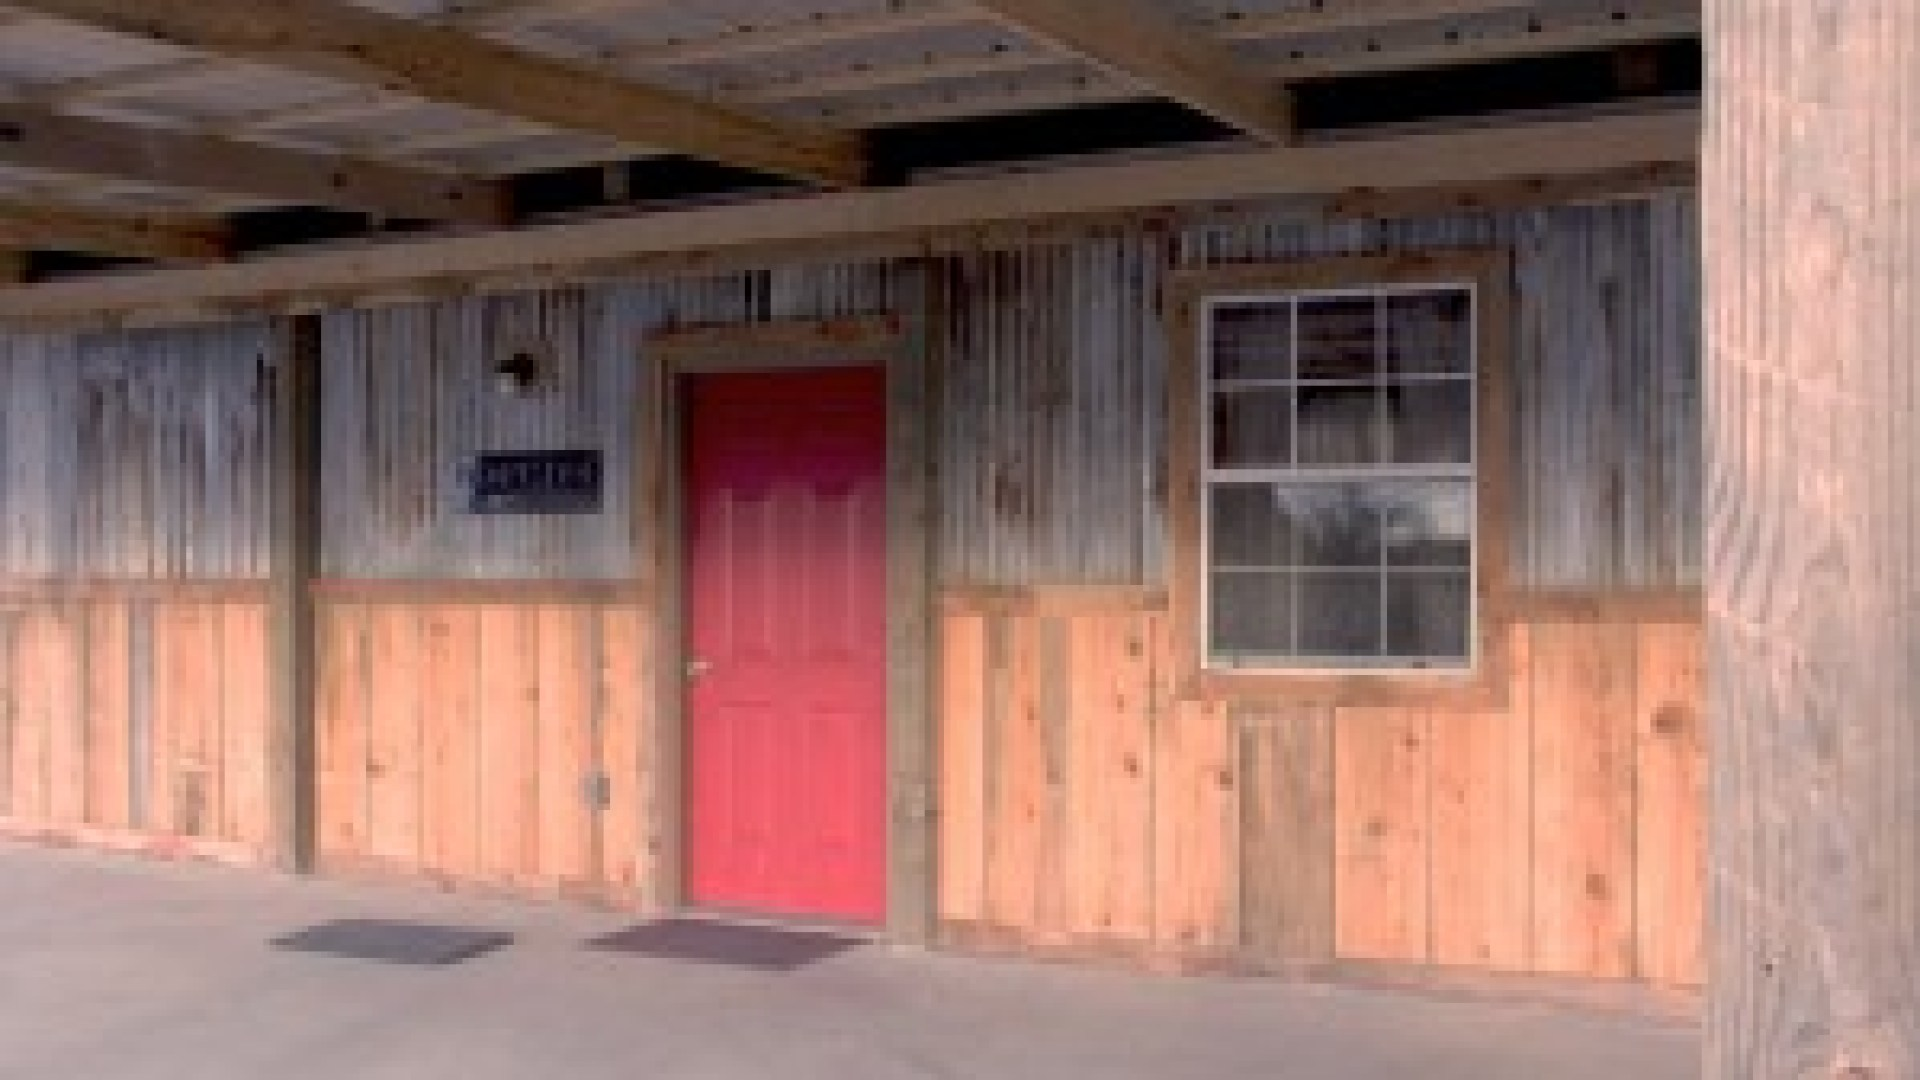 bunkhouse door